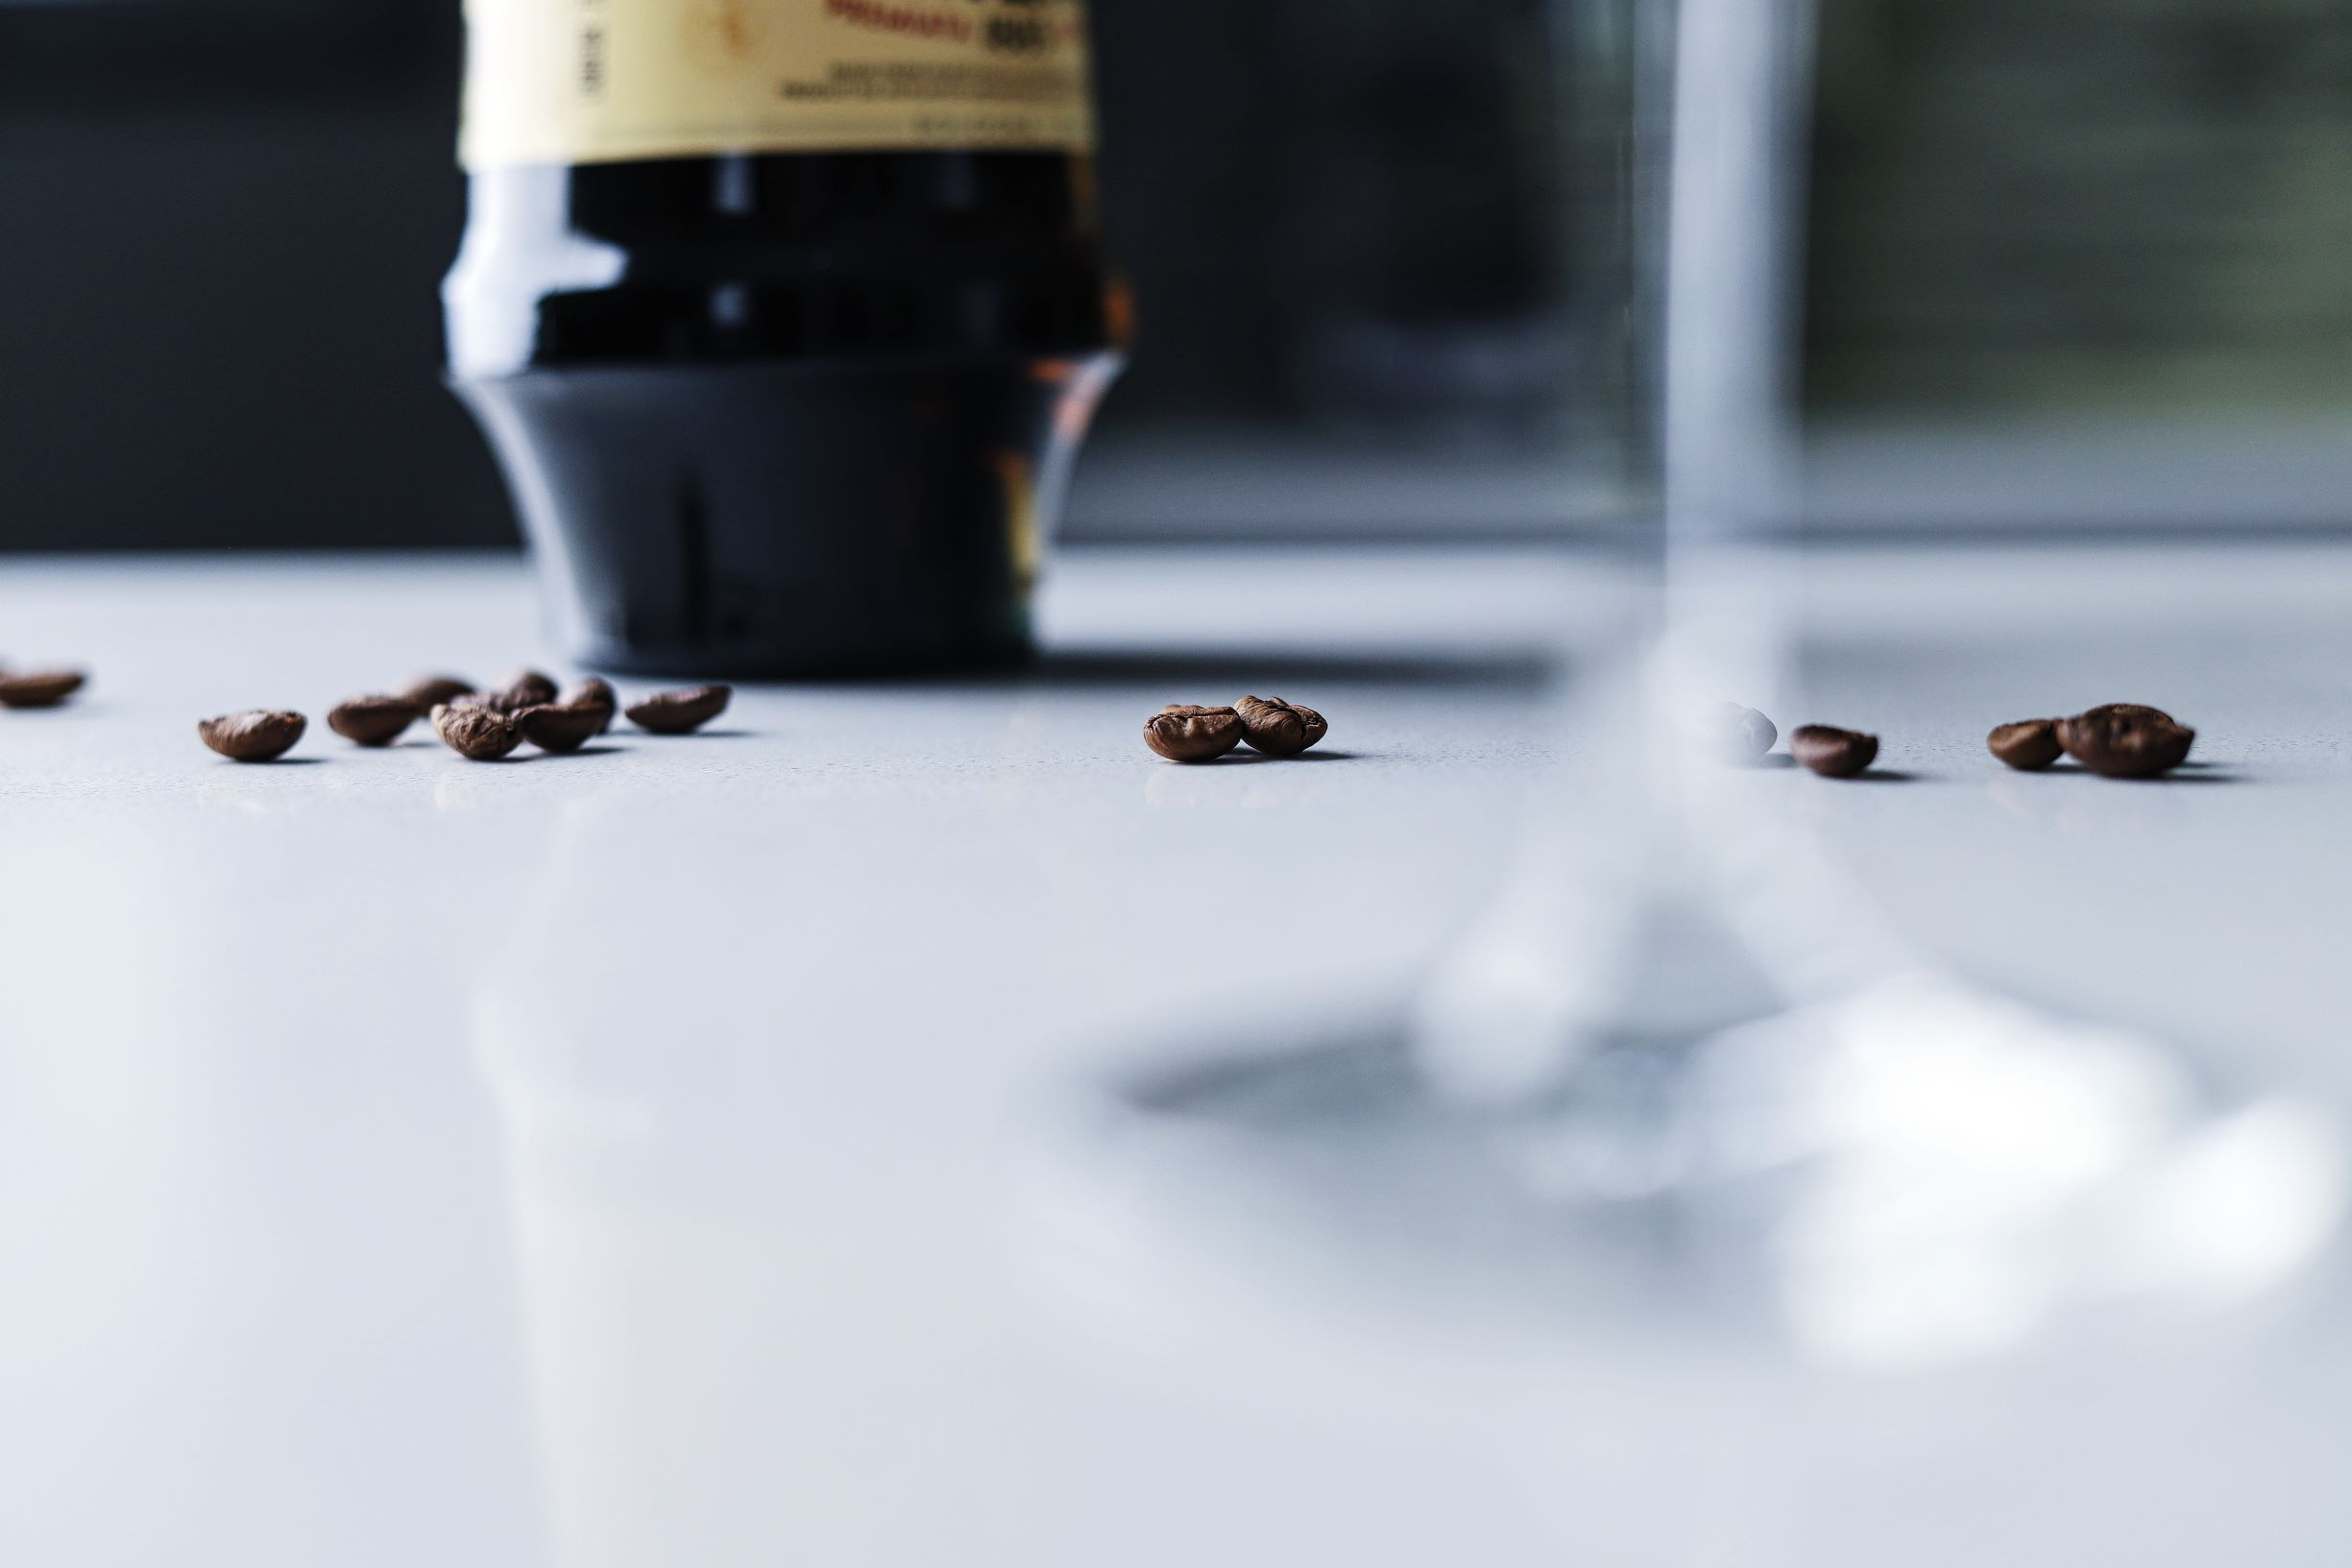 LeClair Organics Liberica Coffee, Amaro Montenegro espresso martini recipes, coffee cocktail recipes